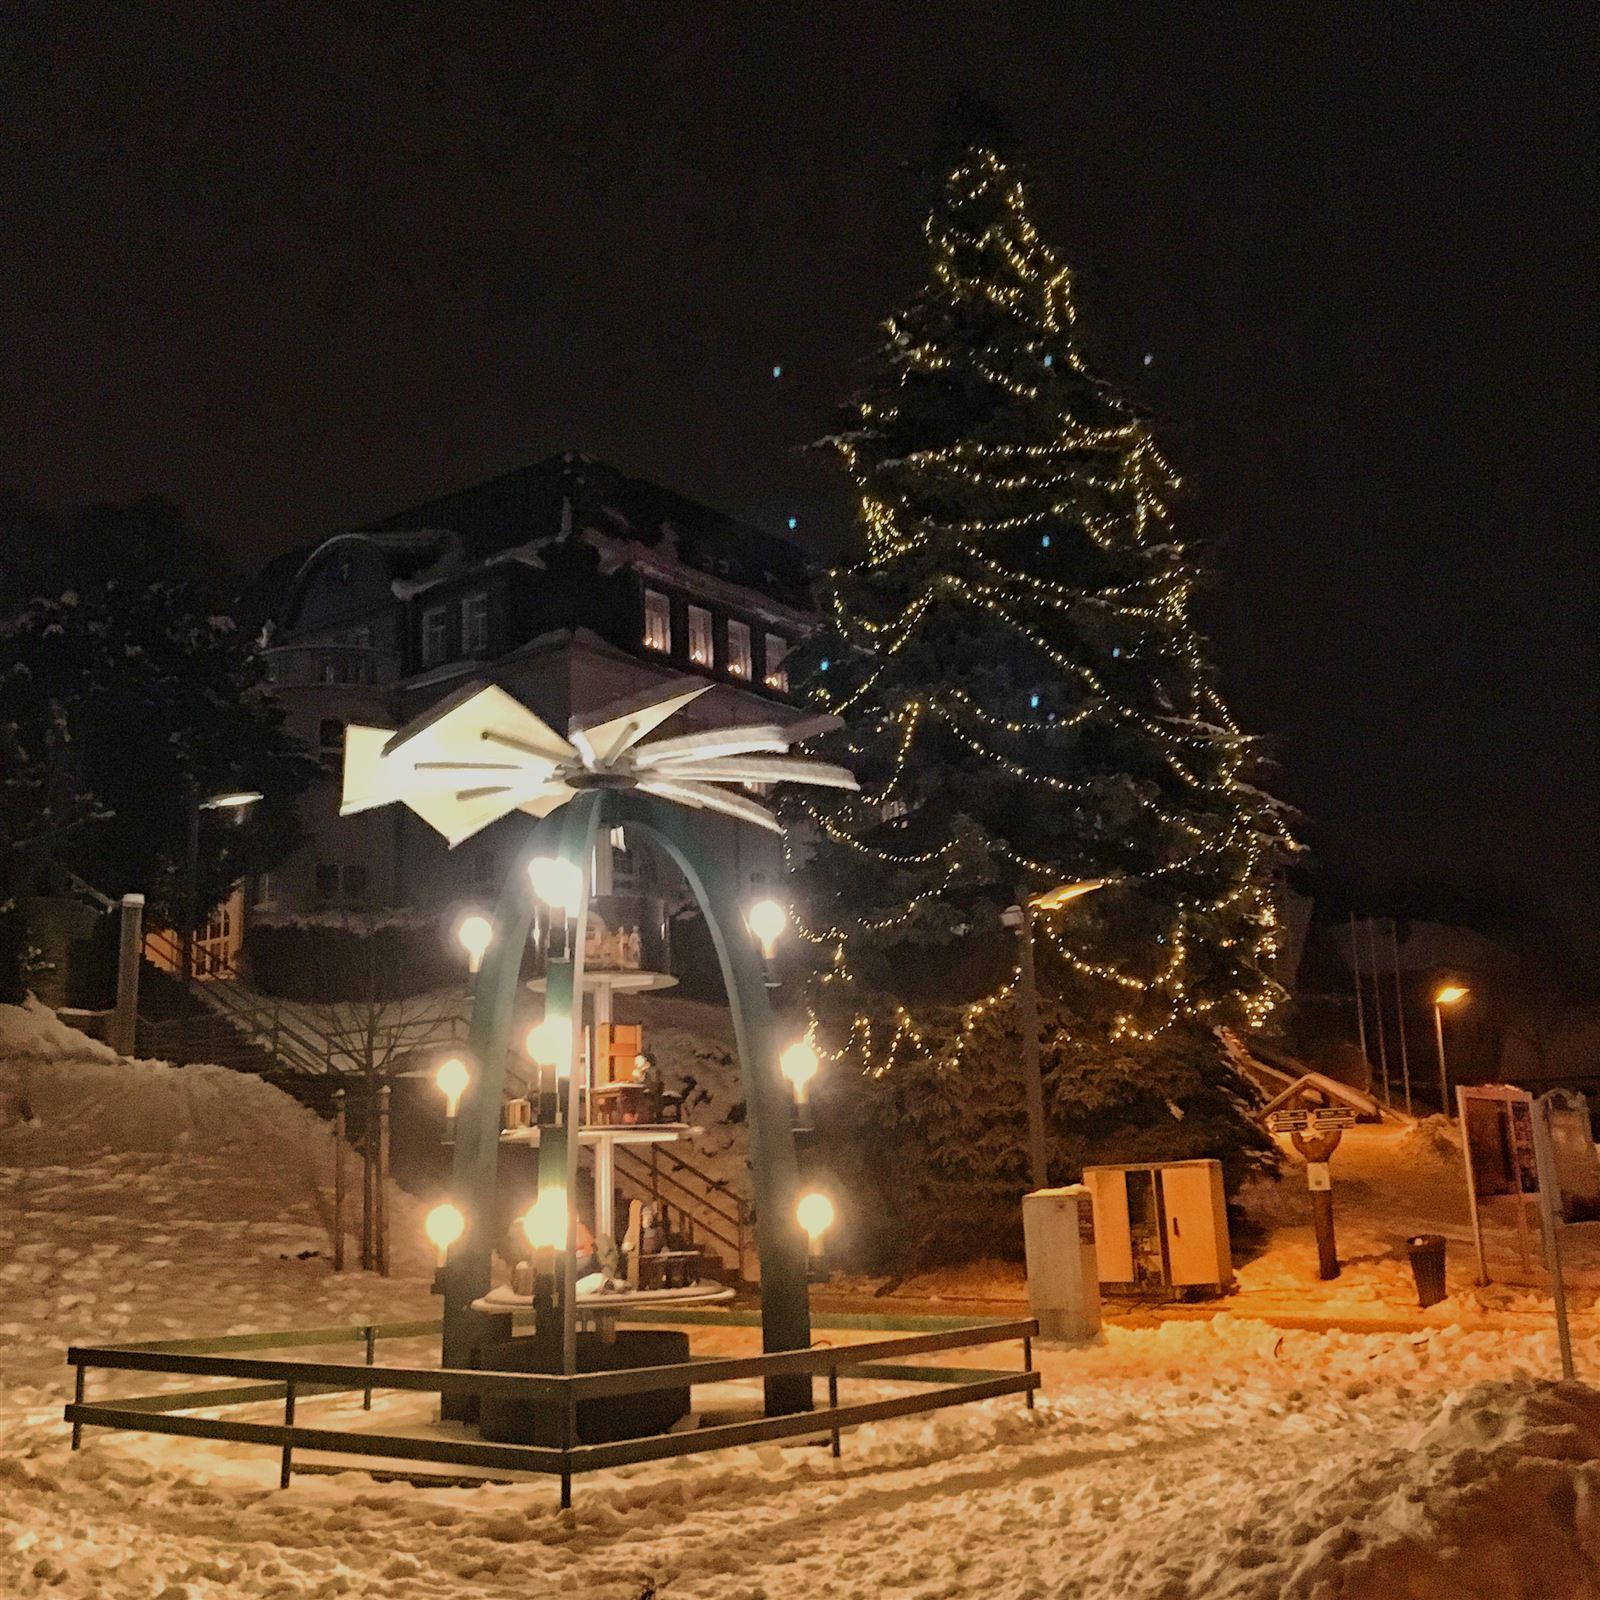 Ausflug in Sachsen zu Weihnachten: Die Pyramide in Klingenthal